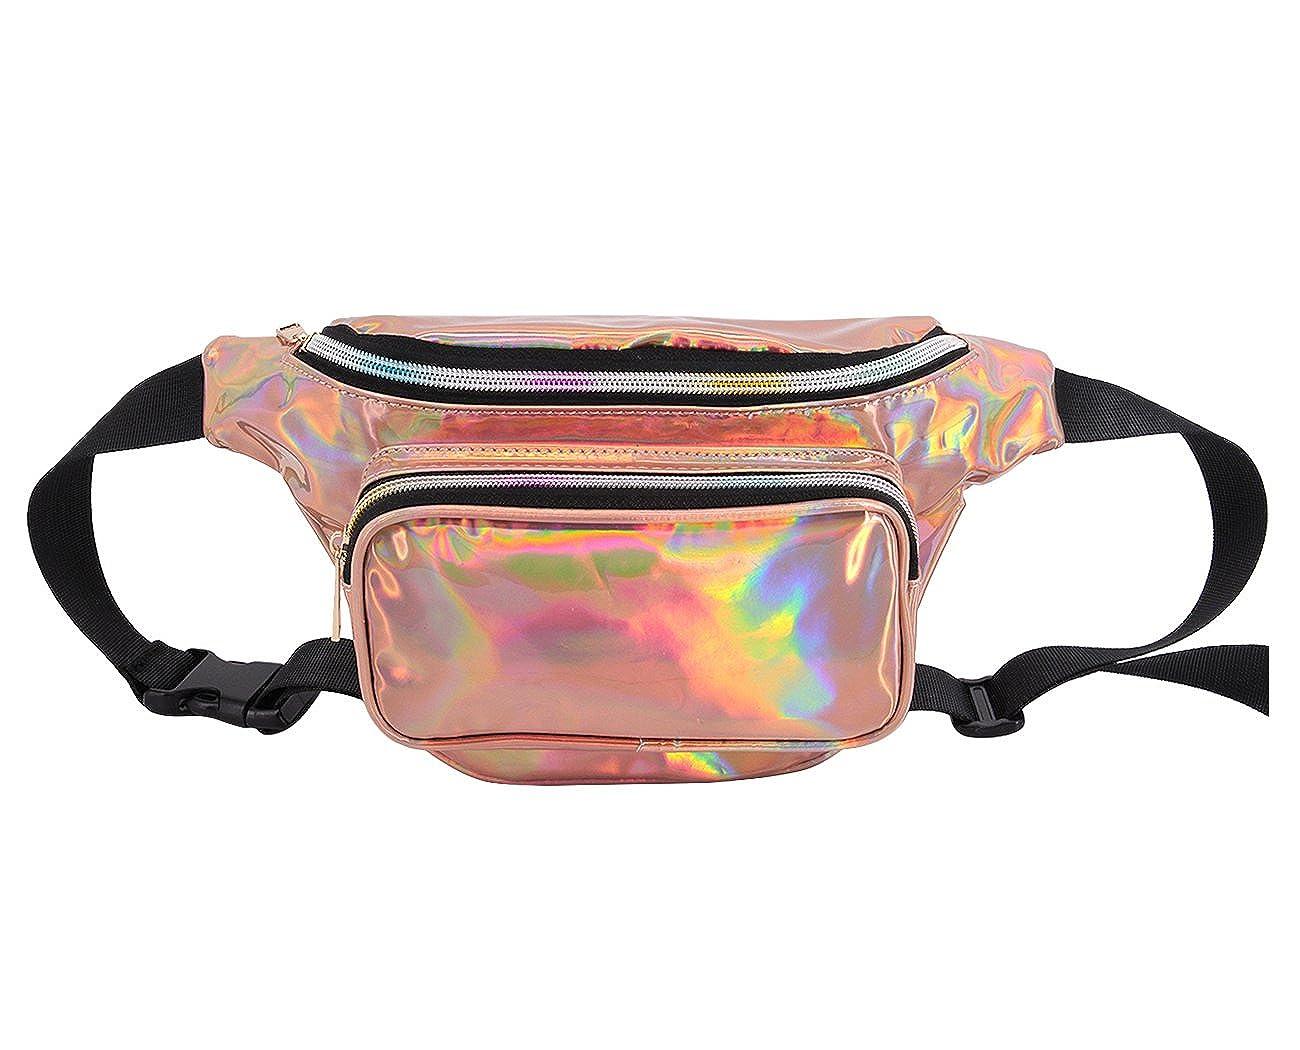 Novias Boutique Unisex PVC Hologram Belt Waist Bum Bag Fanny Pack